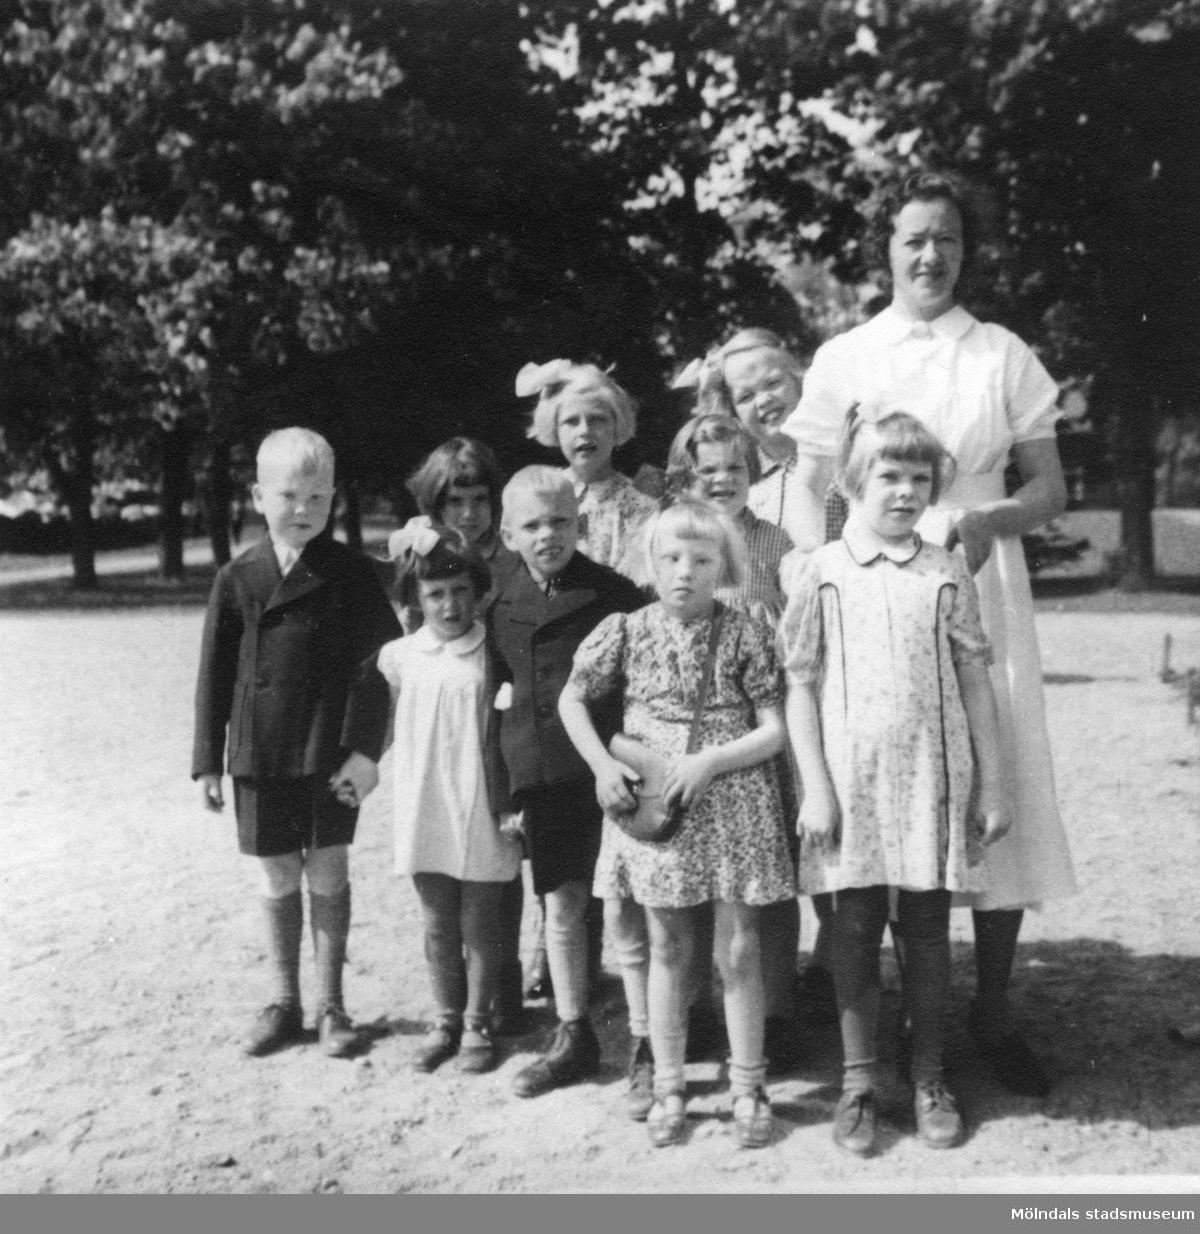 Sköterskan Anna Dahlborg med barn/ungdomar från Stretereds skolhem på utflykt i Kungsbacka.